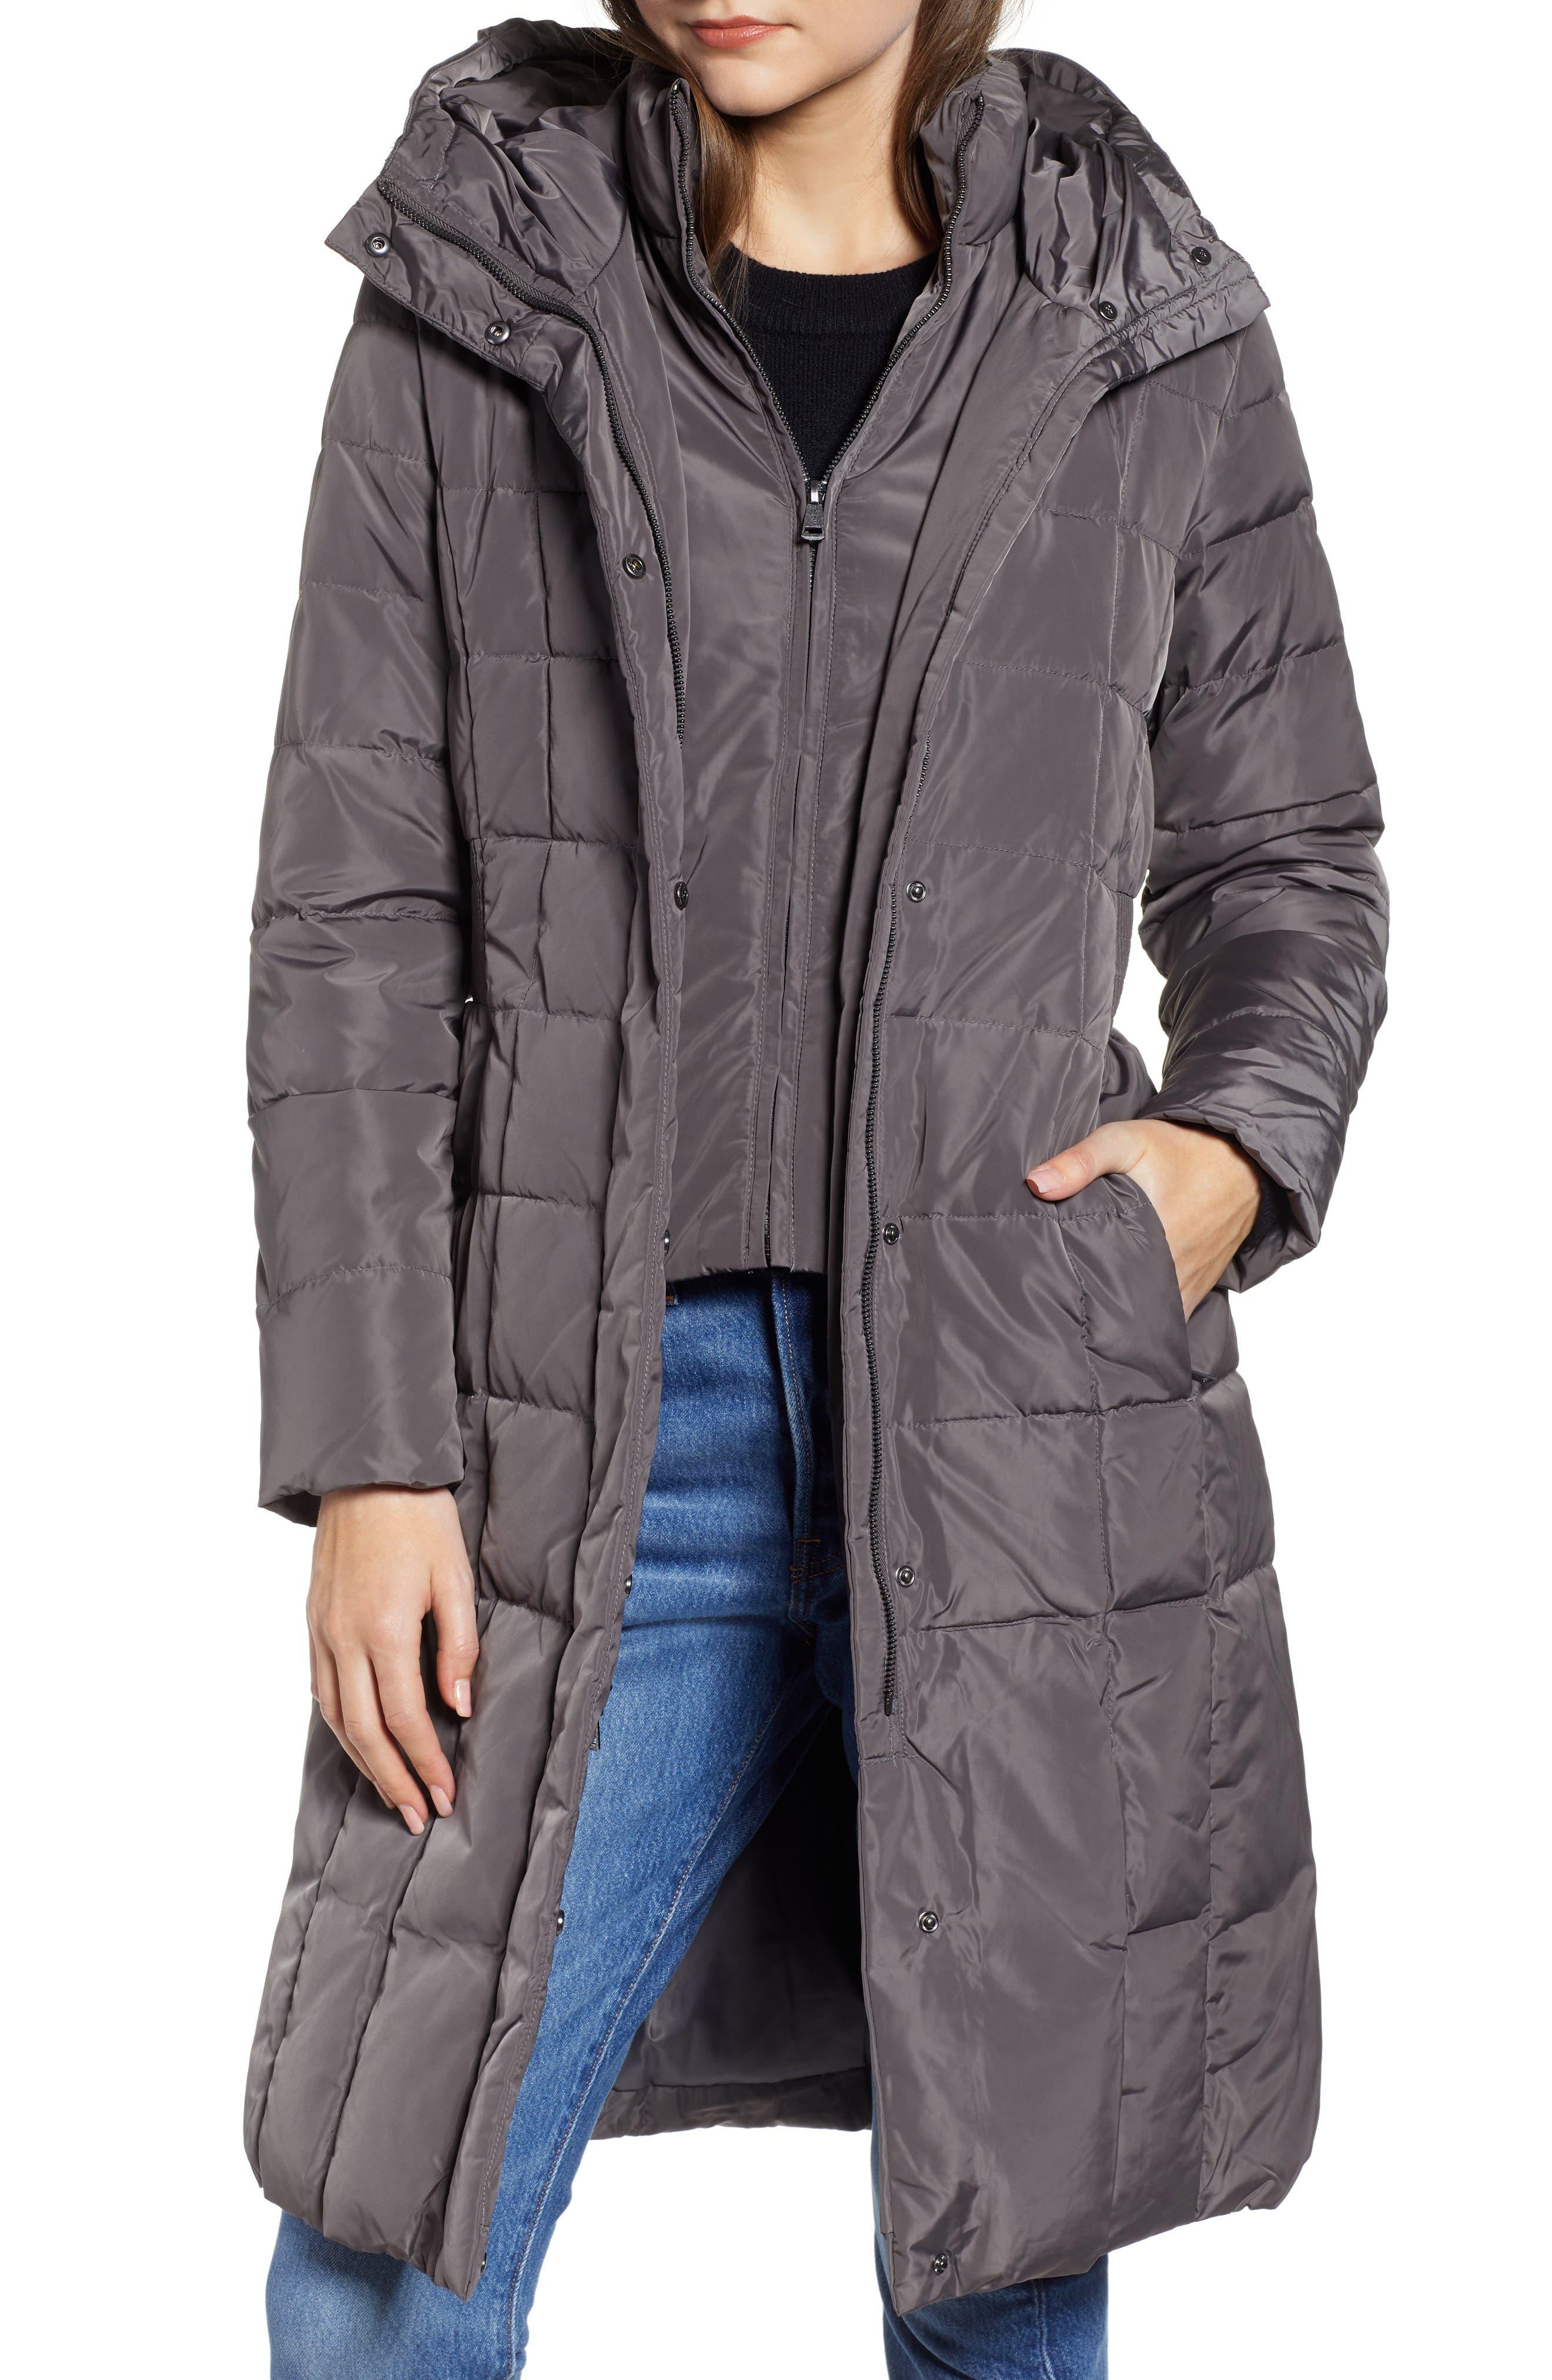 Women's Cole Haan Signature Coats & Jackets   Nordstrom